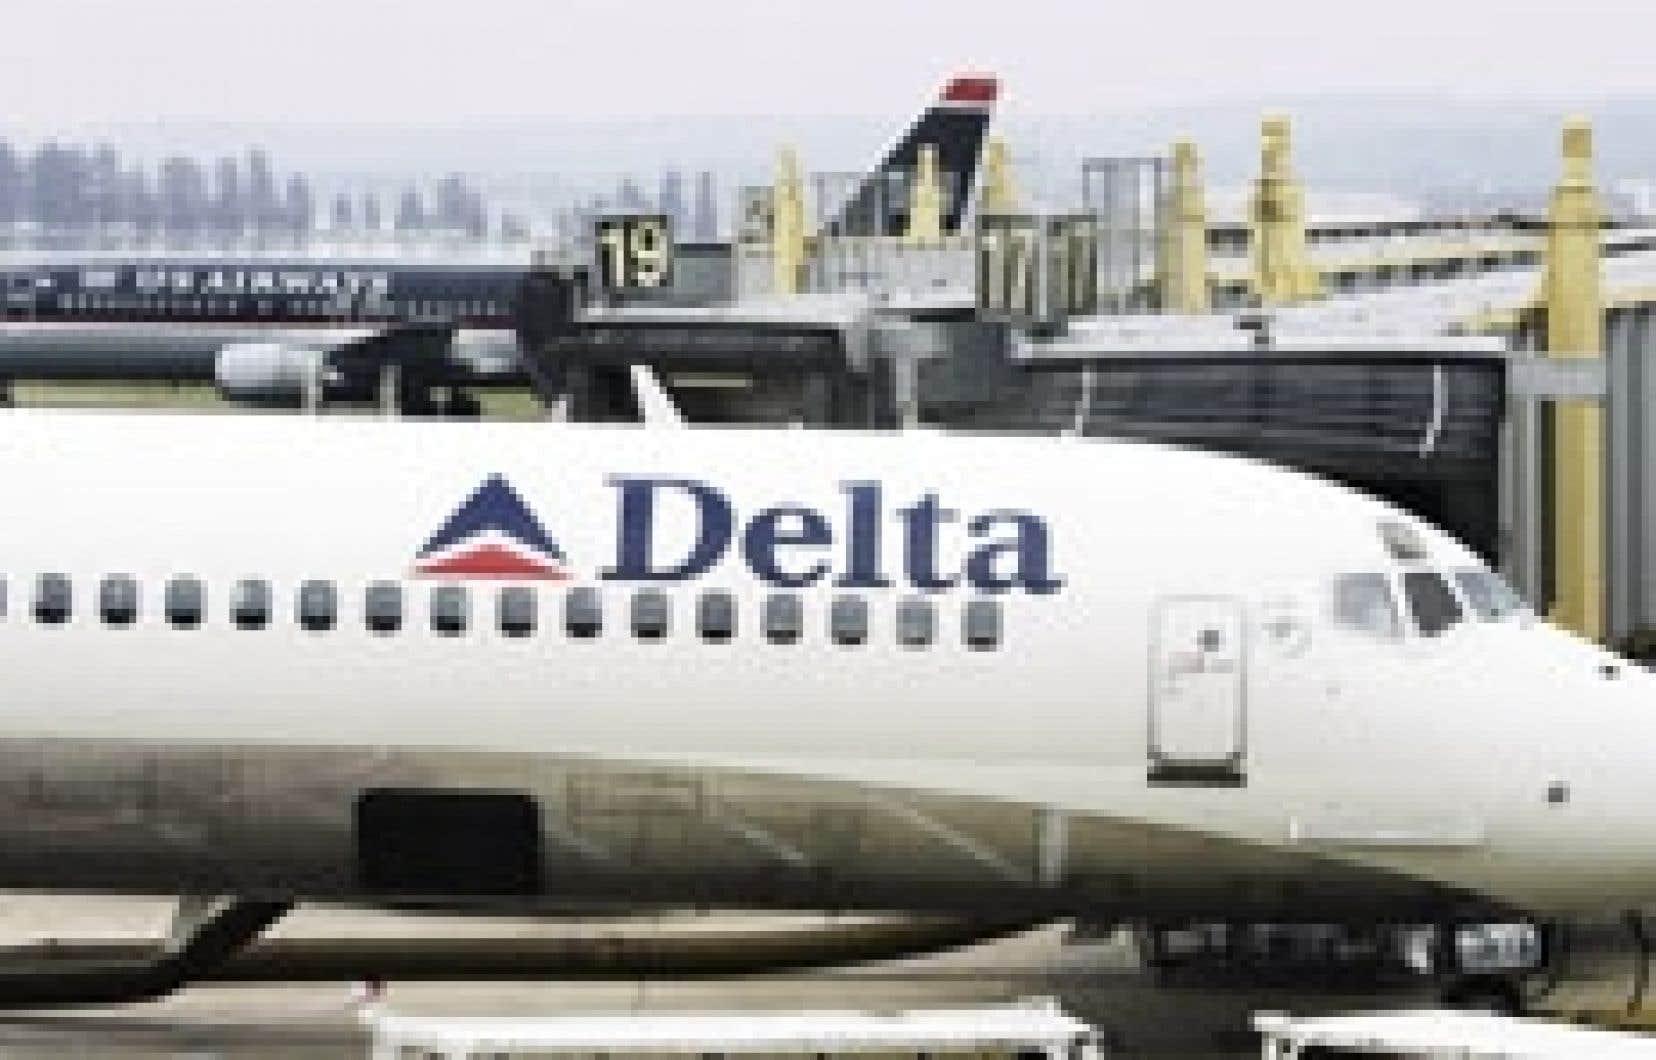 La direction de Delta a expliqué aux créanciers que l'entreprise étudierait l'offre soumise mercredi par US Airways, mais qu'ils ne croyaient pas qu'il s'agissait du plan adéquat pour Delta.